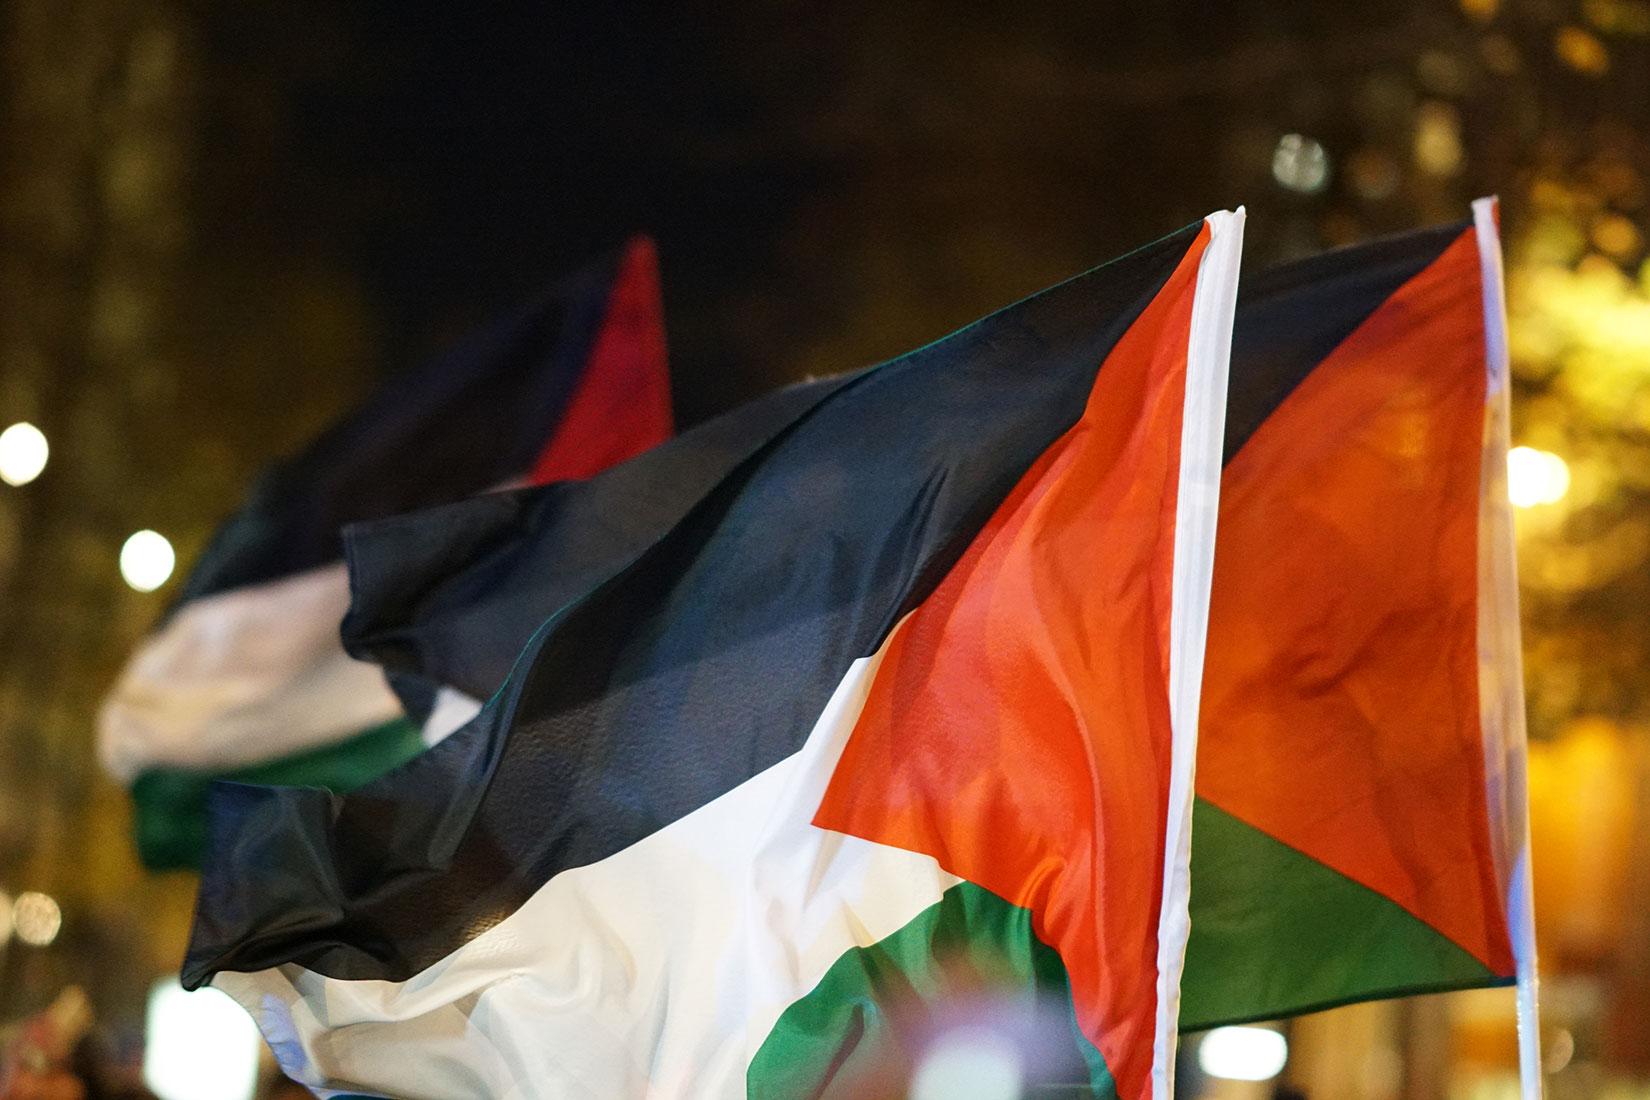 イスラエル・アラブ首長国連邦(UAE)の国交正常化の本質とは?